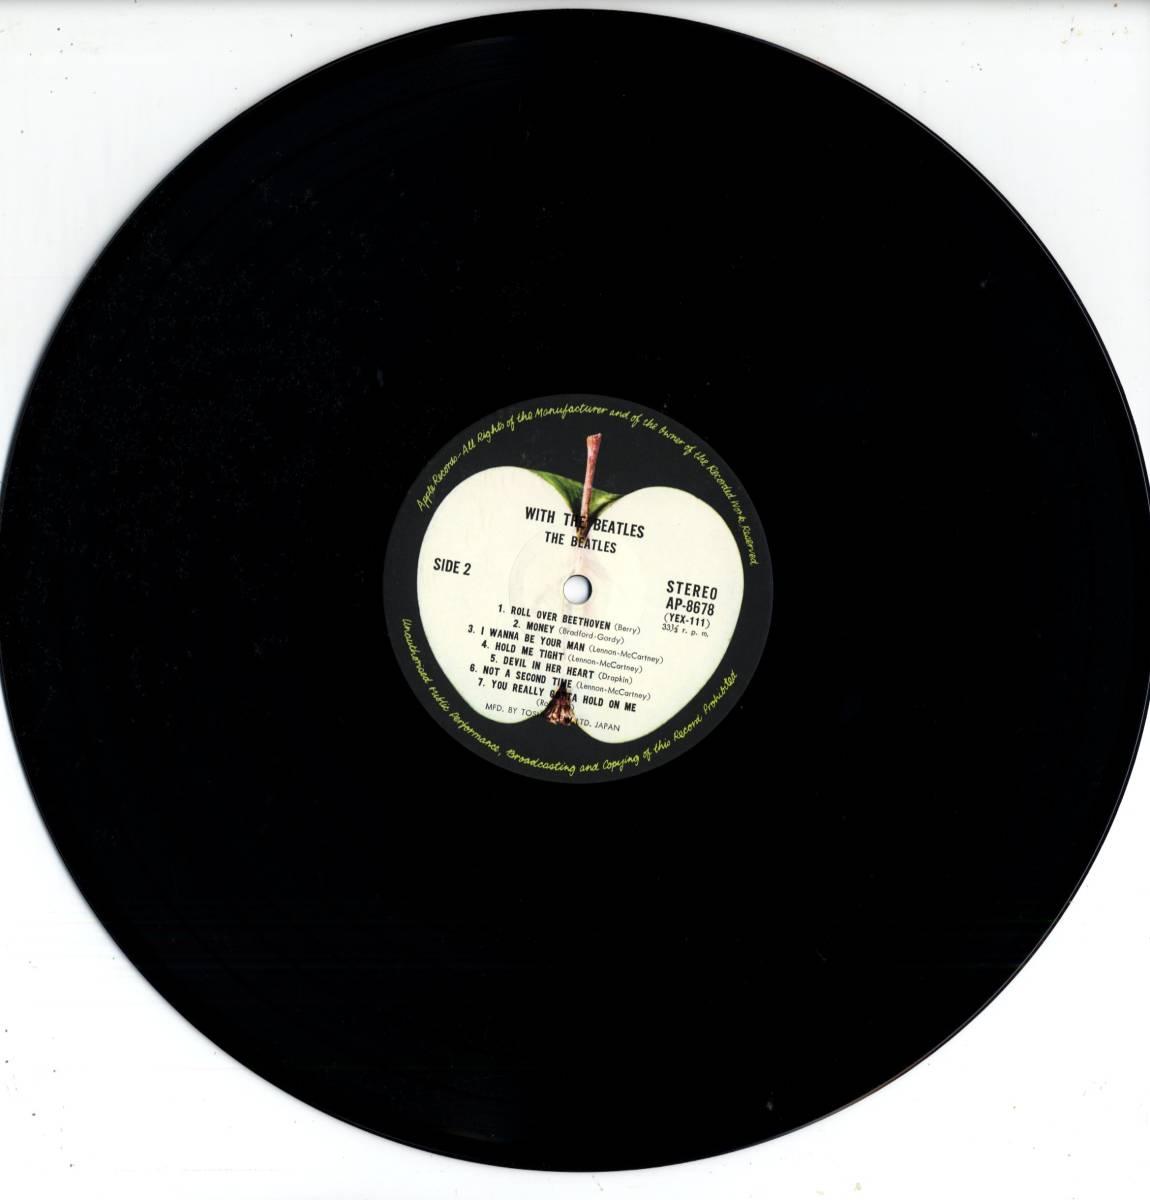 Beatles 「With The Beatles」国内盤アップルレーベル ダブルジャケット盤LPレコード  (AP-8678)_画像9